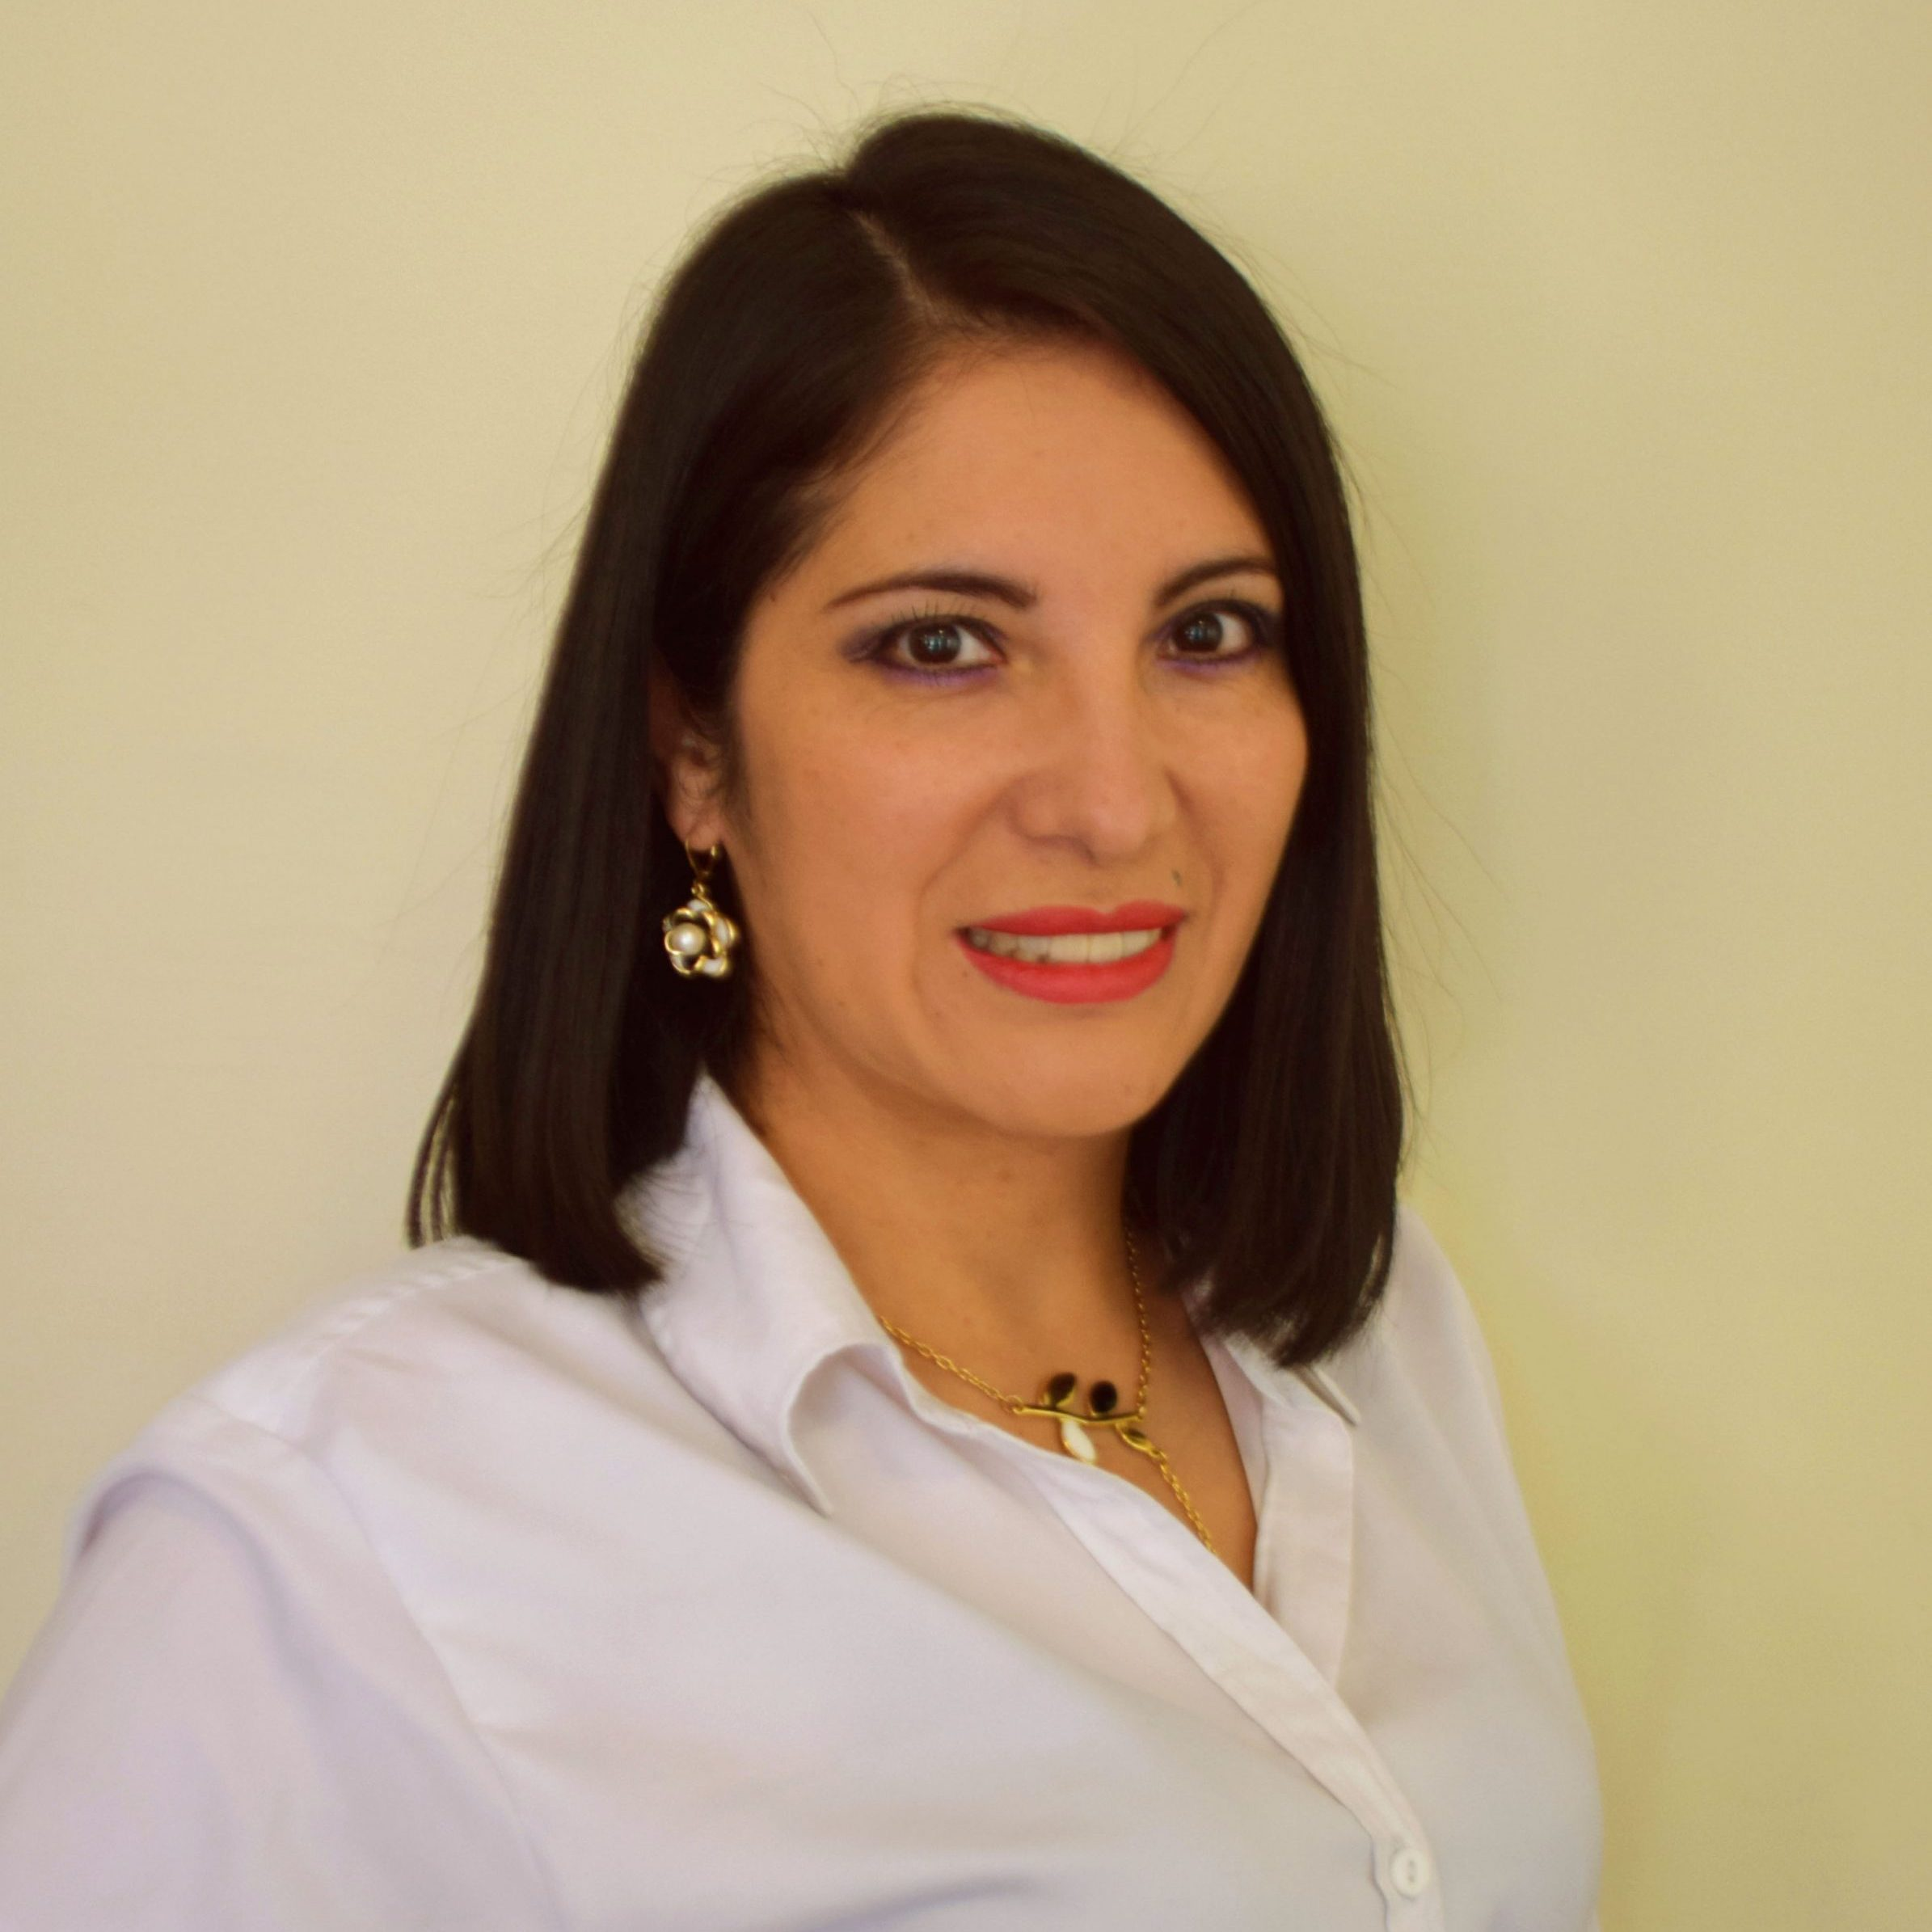 Andrea Rivadeneyra